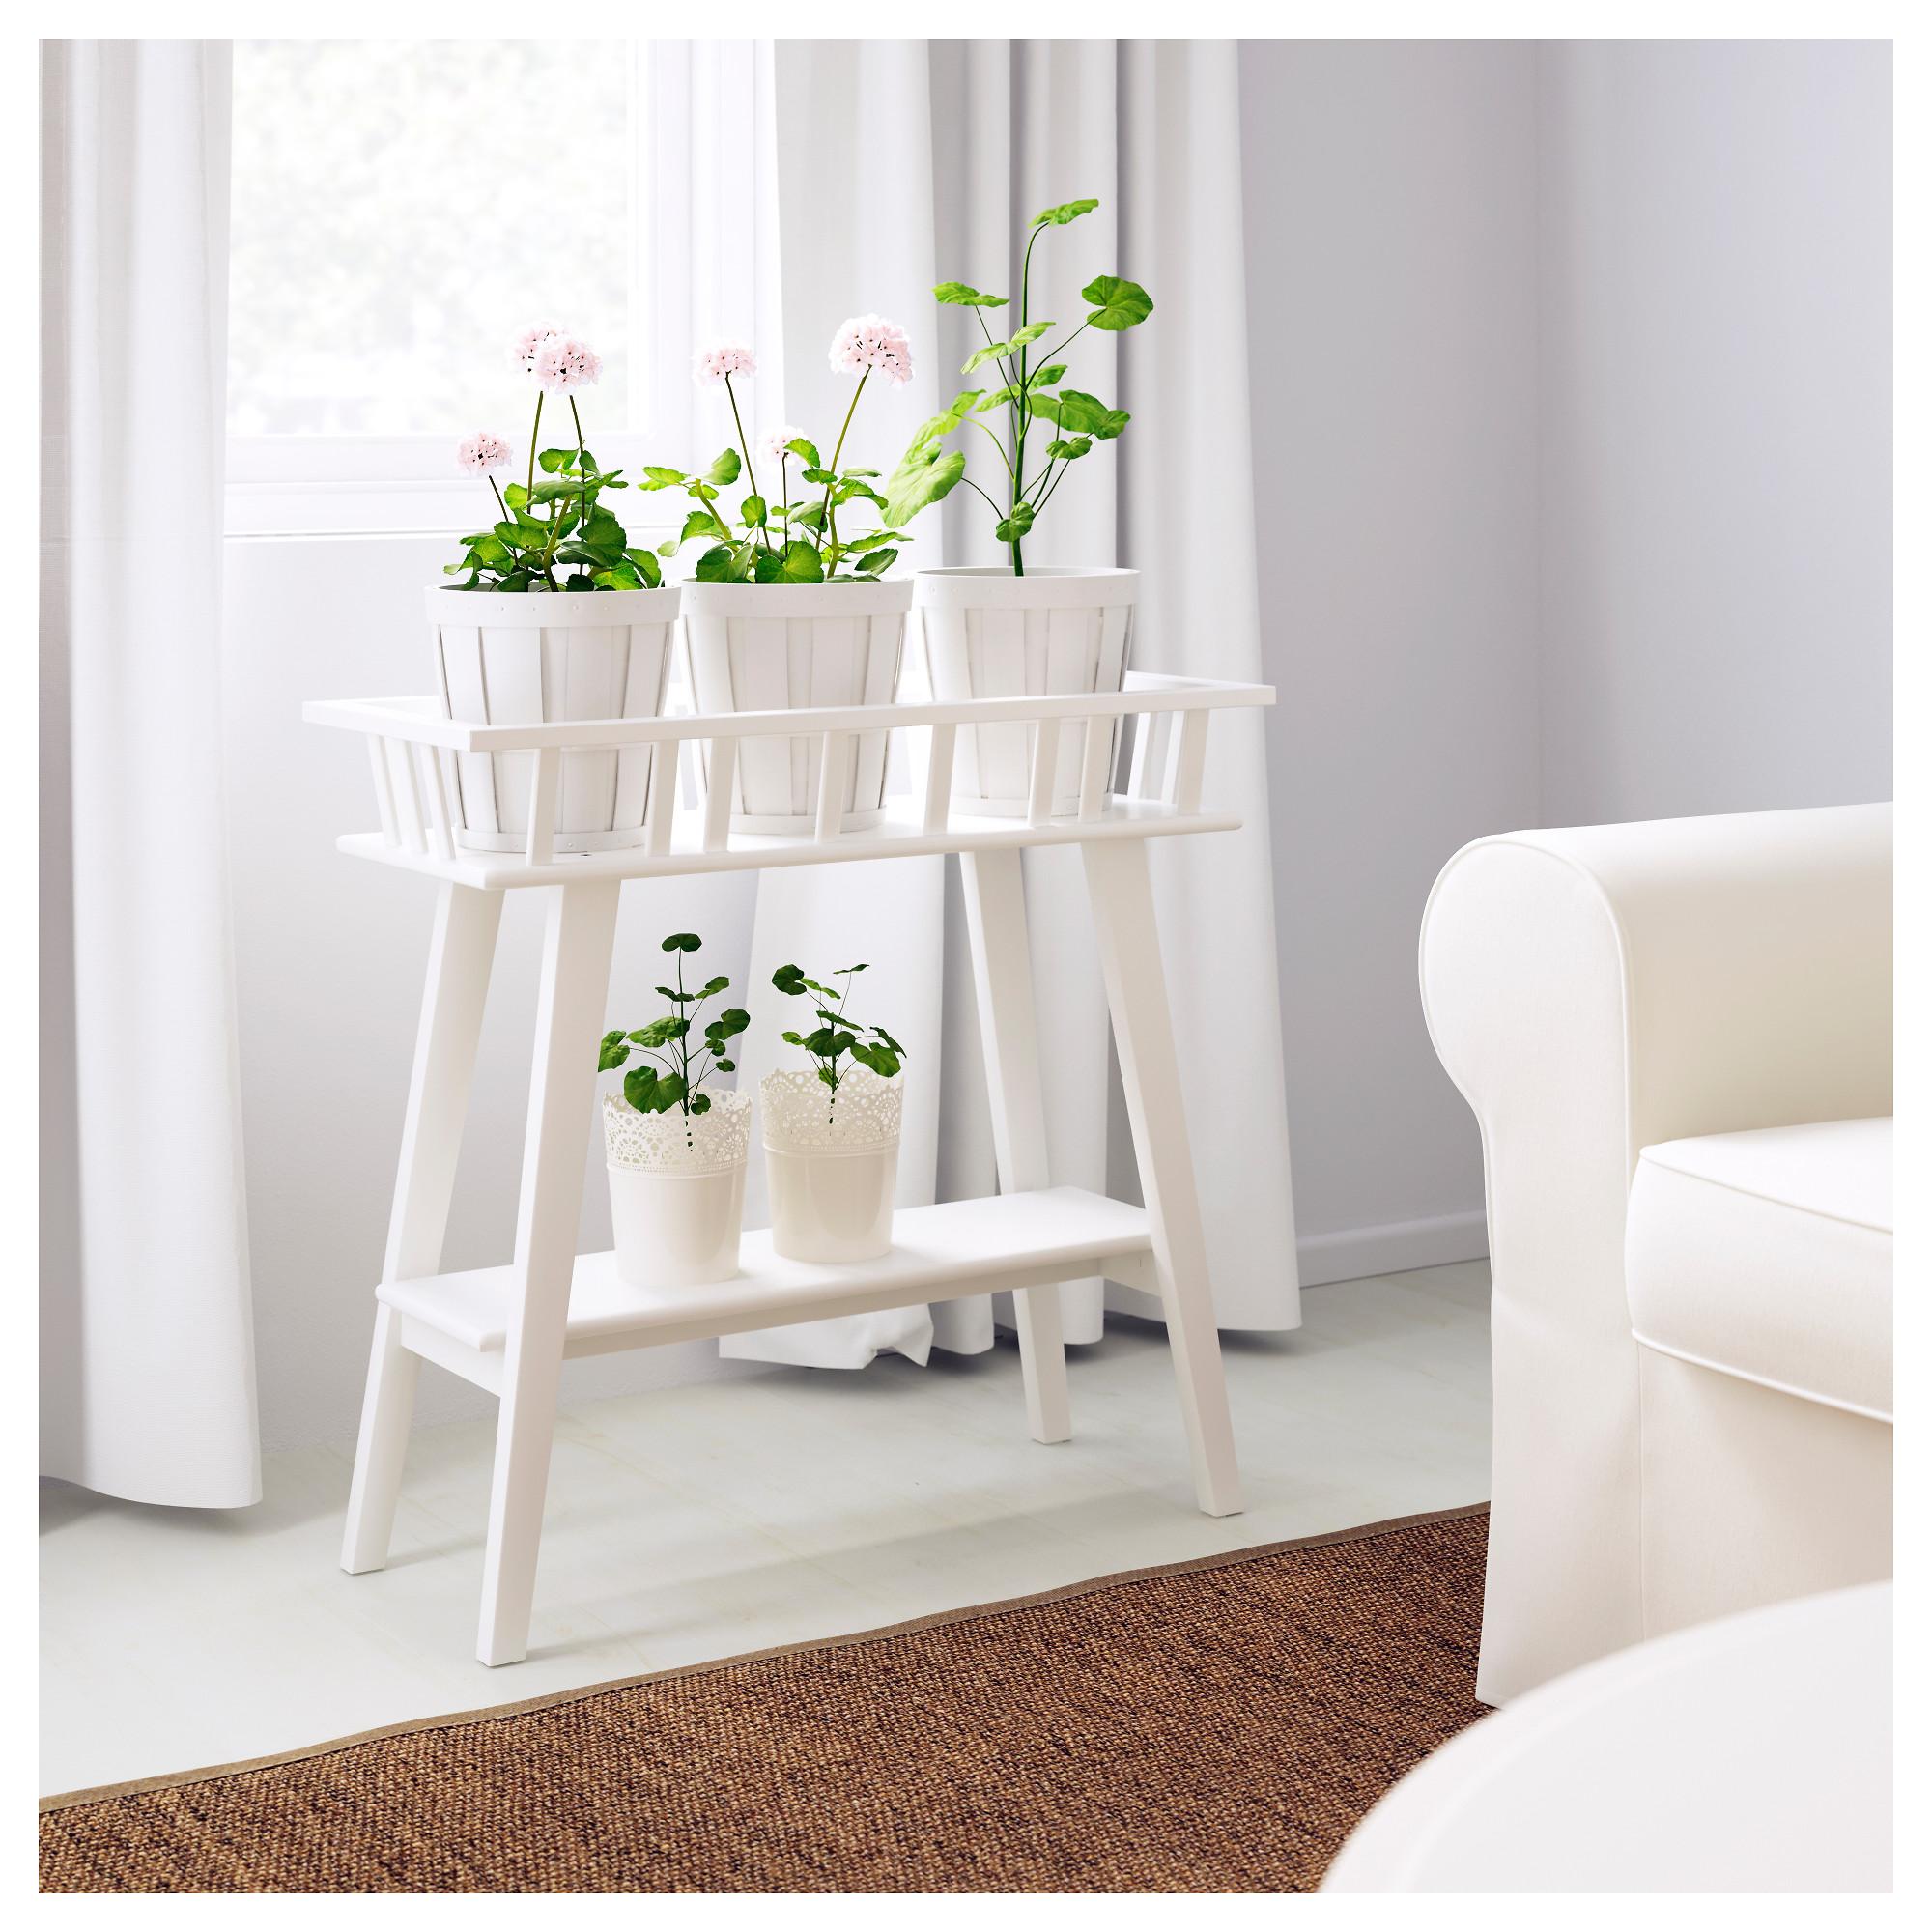 Ikea Lantliv Plant Stand White Garden Corner Rack Indoor Shelves New Ebay